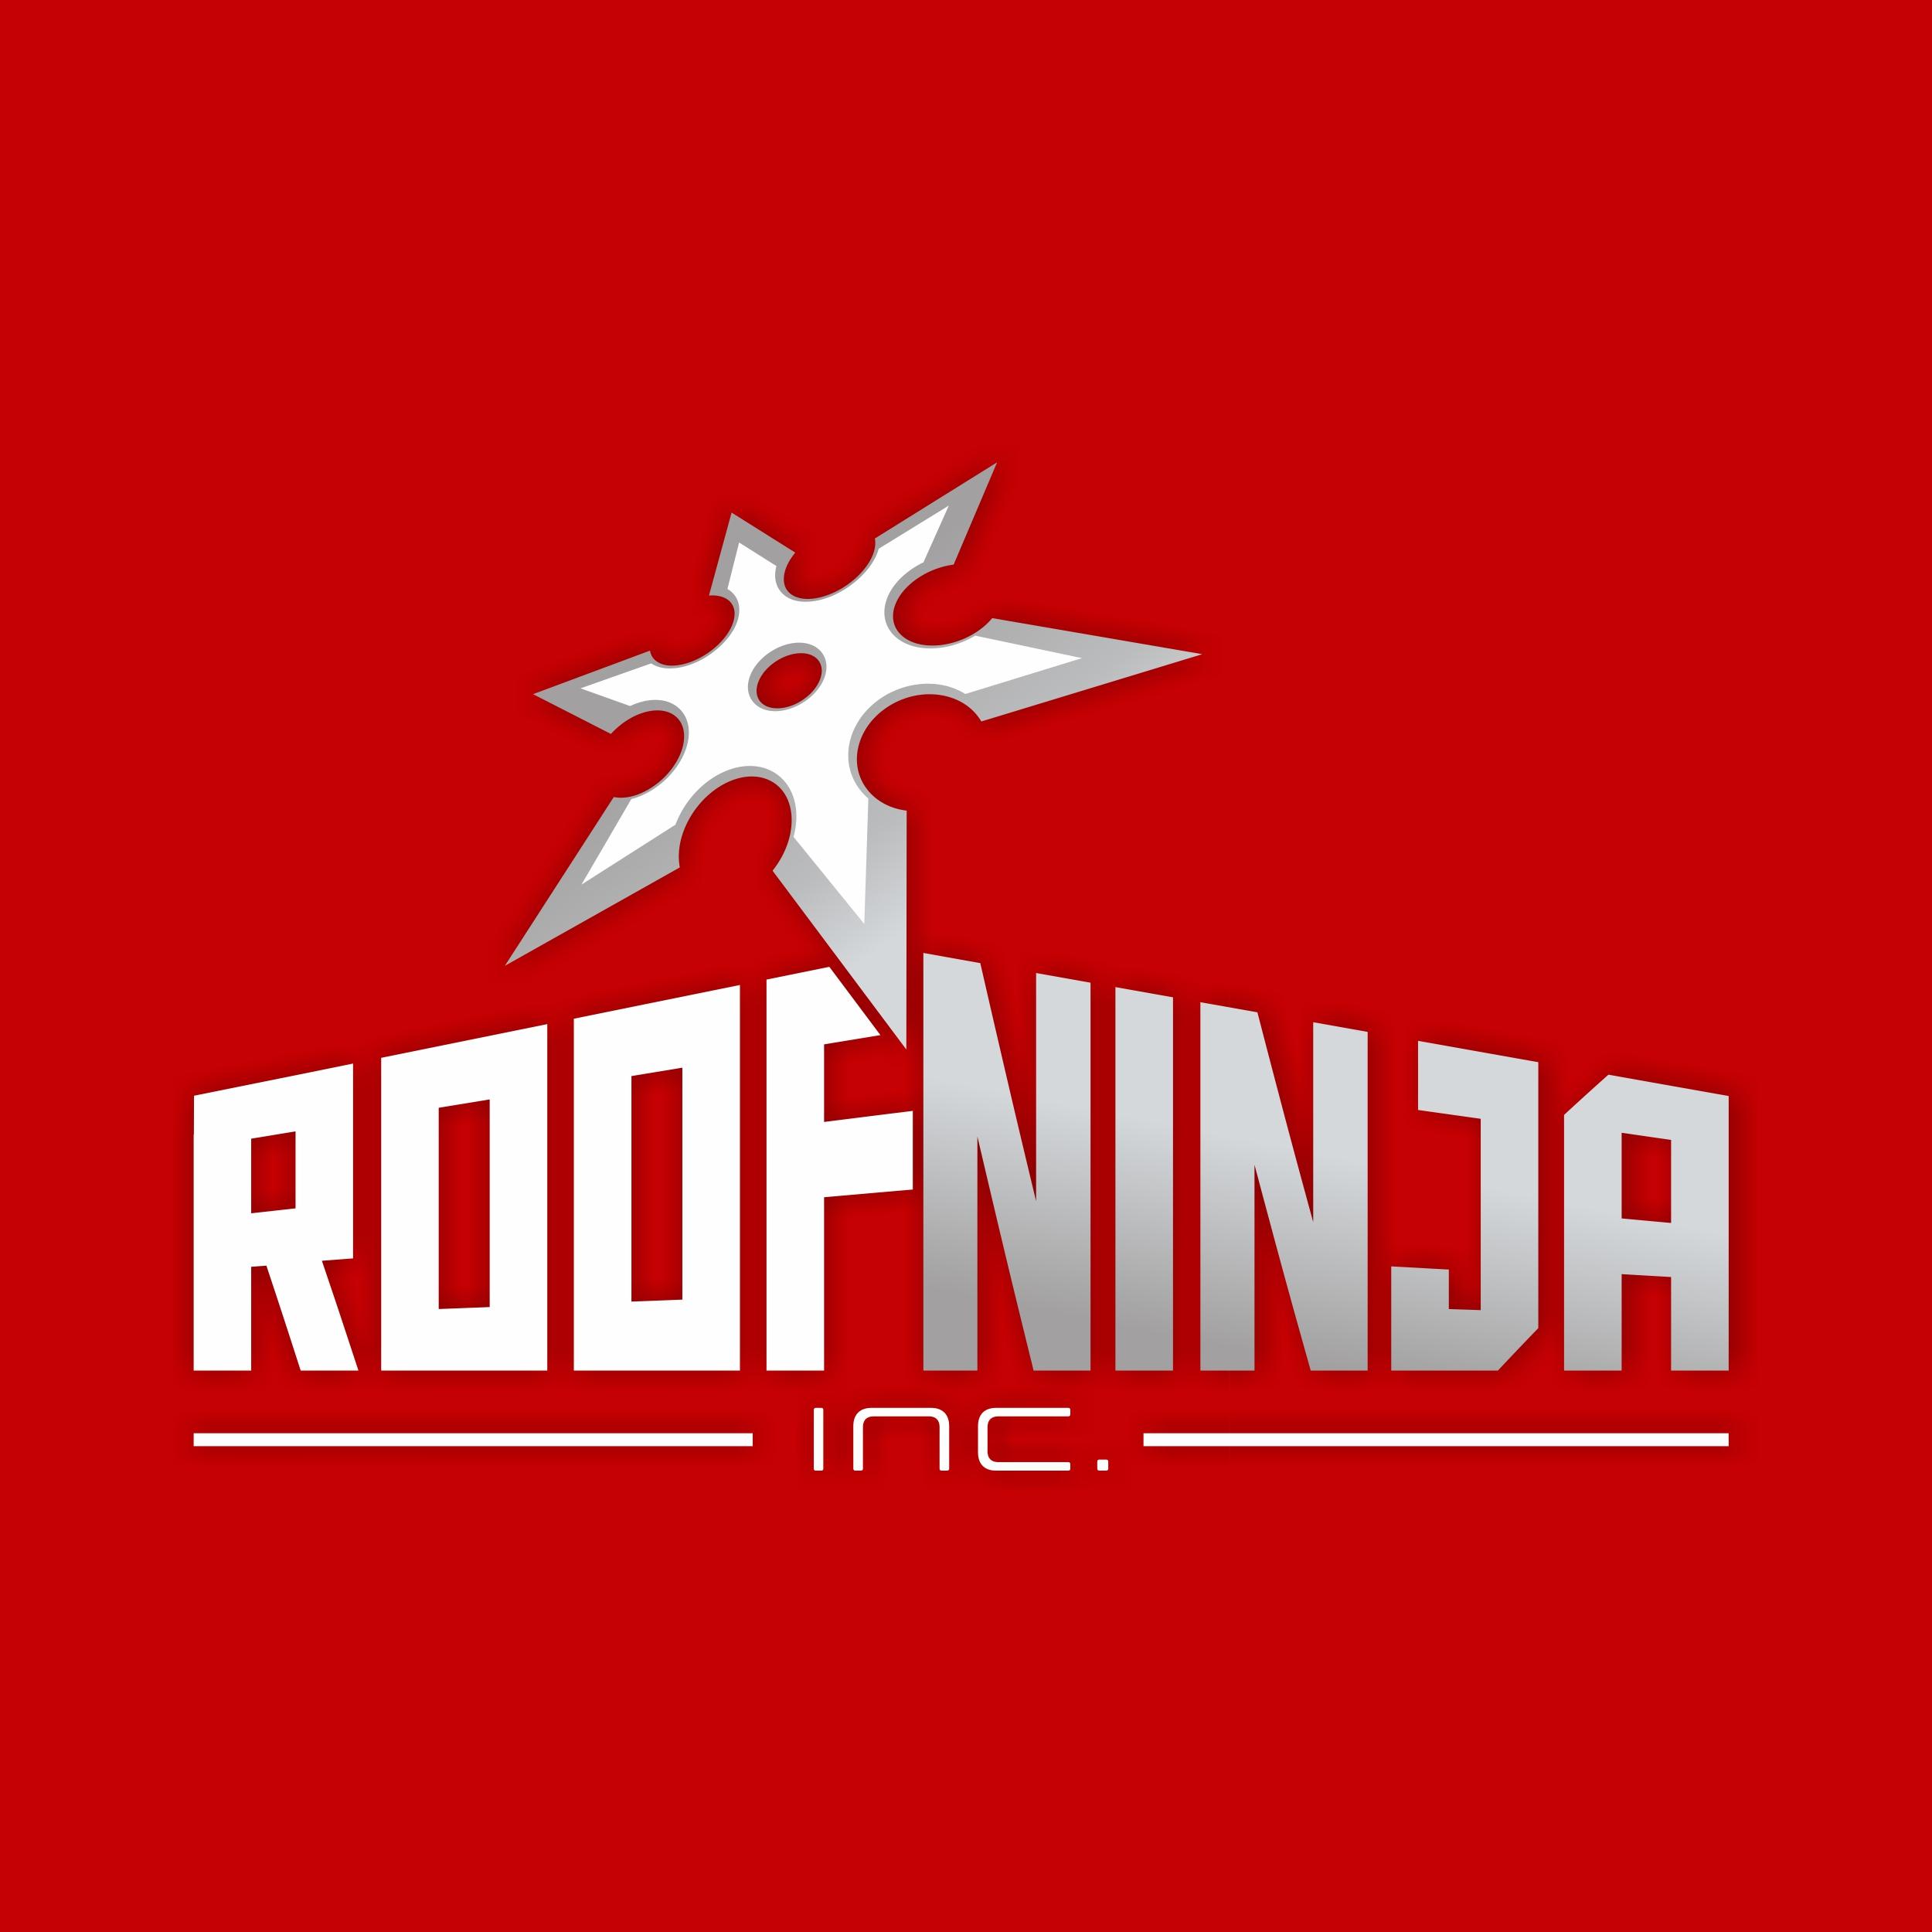 Roof Ninja_BC.jpg